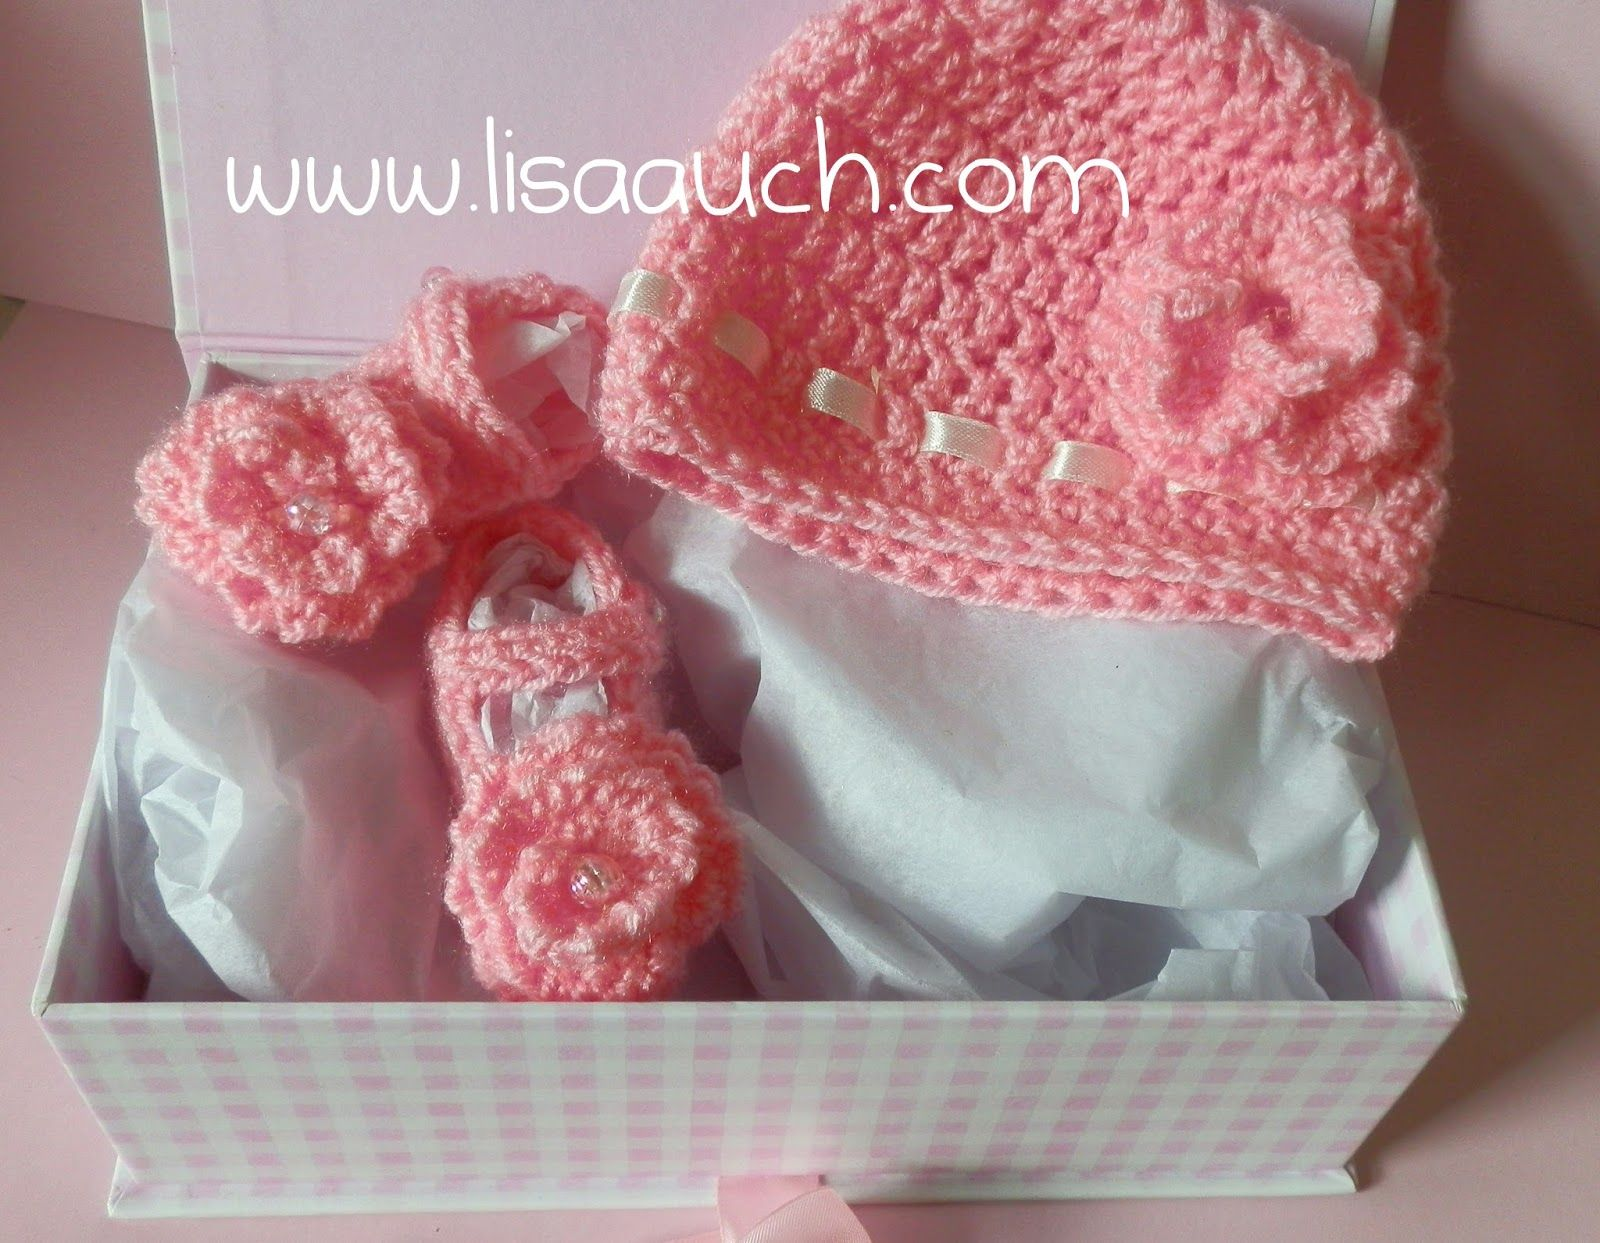 Easy free crochet flower pattern pretty 3 layer crochet flower easy free crochet flower pattern pretty 3 layer crochet flower bankloansurffo Image collections